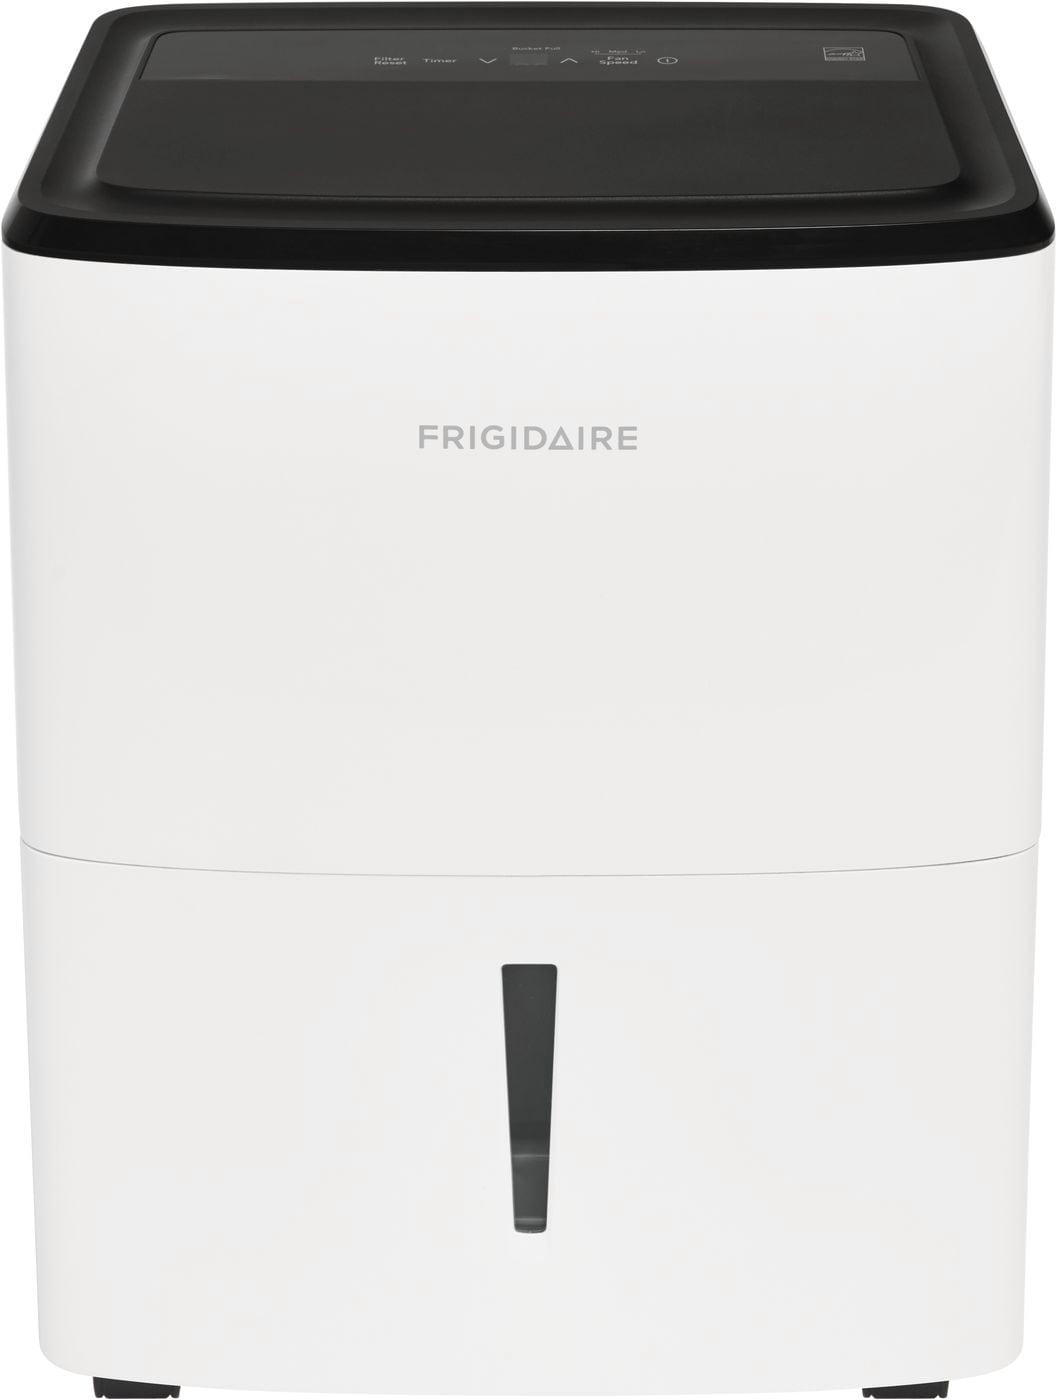 Frigidaire FFAD2233W1 22 Pint Dehumidifier - Energy Star